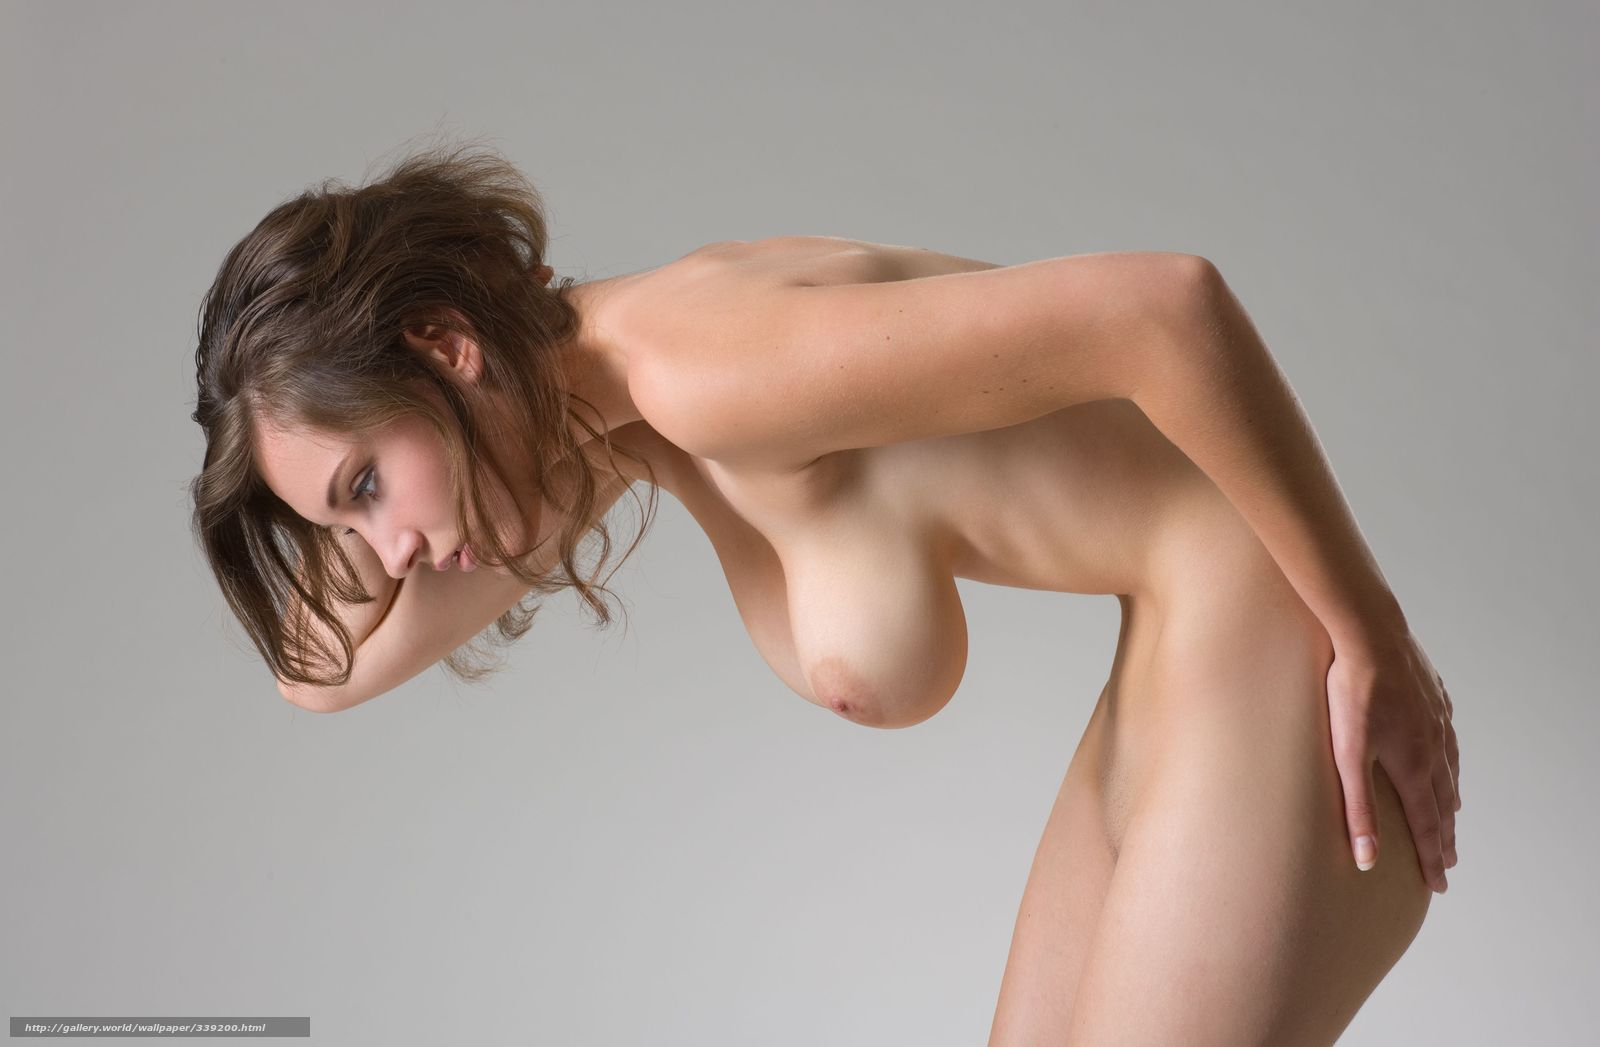 Смотреть онлайн новинки порно русской мам с обвишеми сиськами 2 фотография